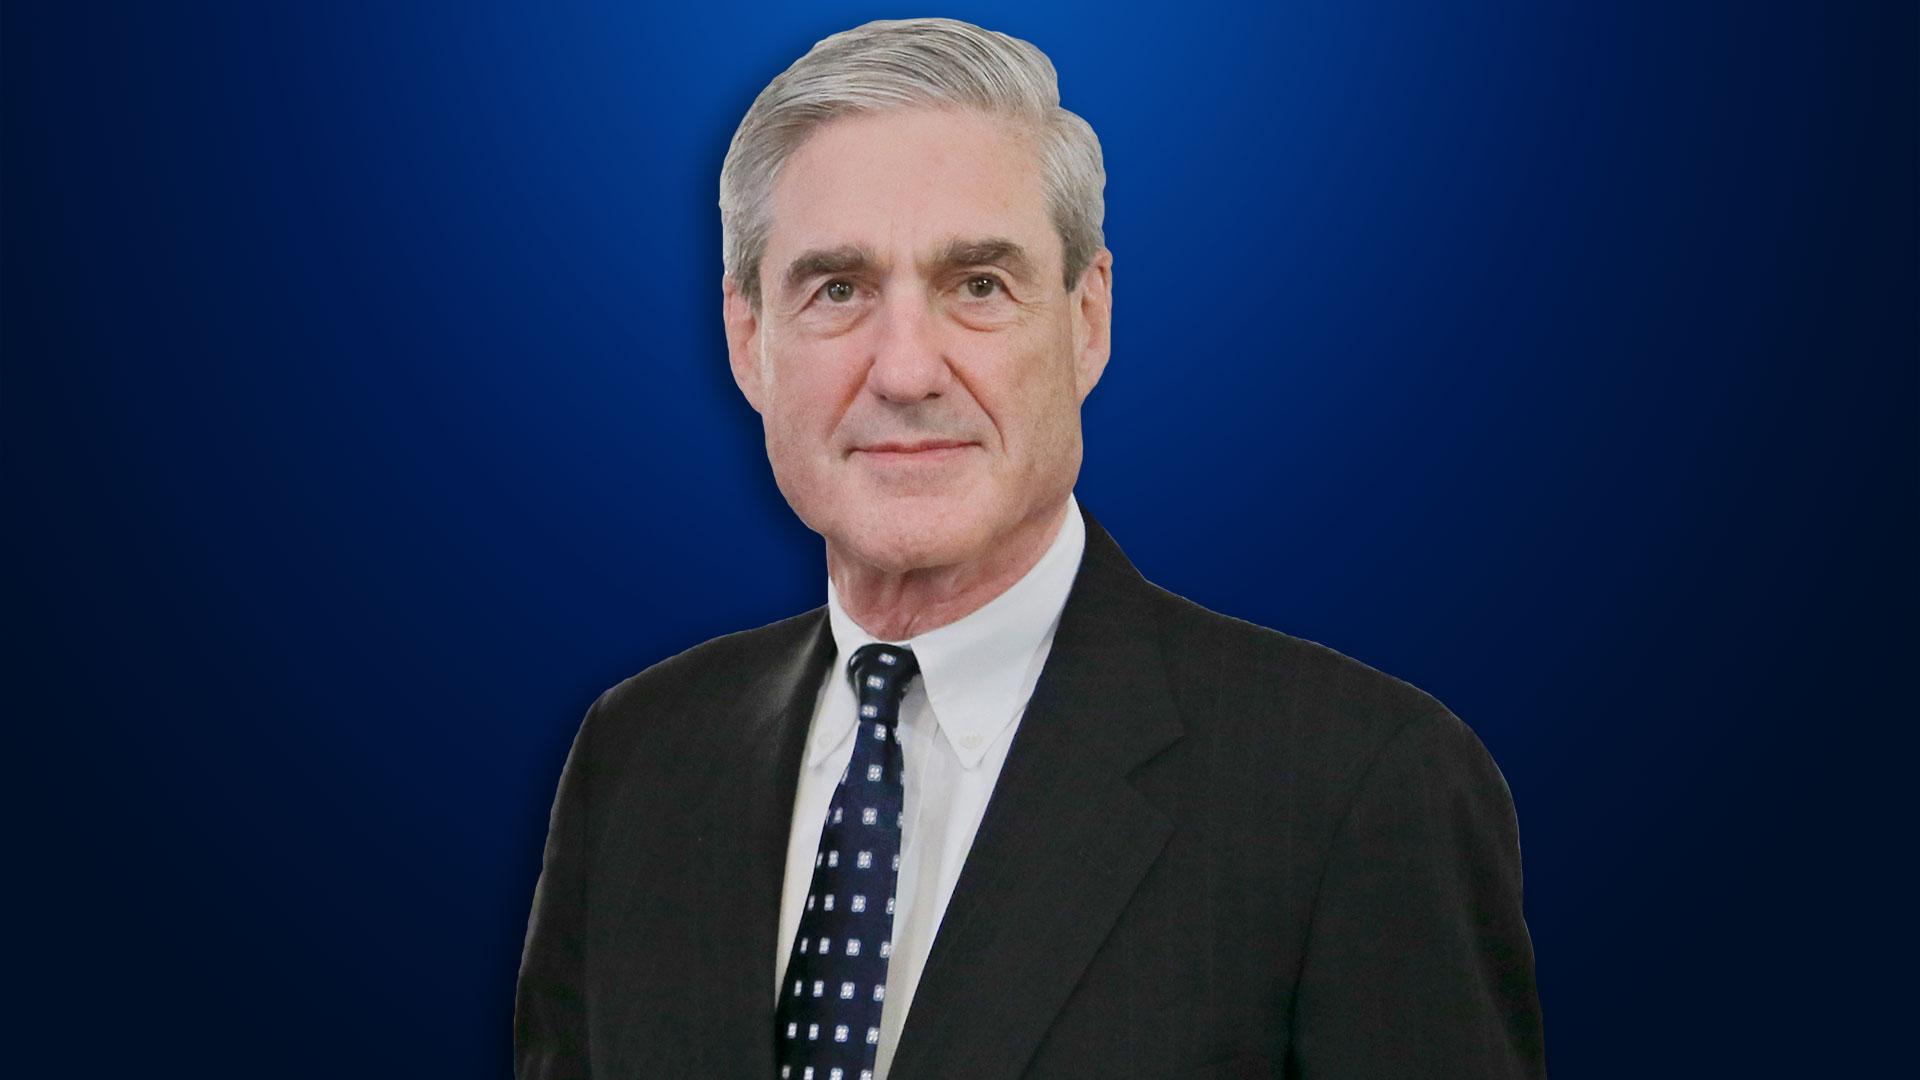 KELO Robert Mueller